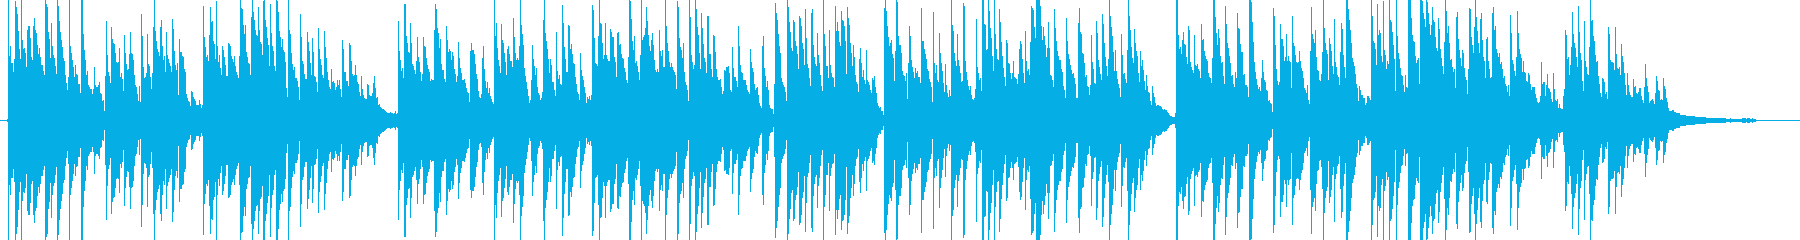 【生演奏】クラシックギターの優しい曲の再生済みの波形